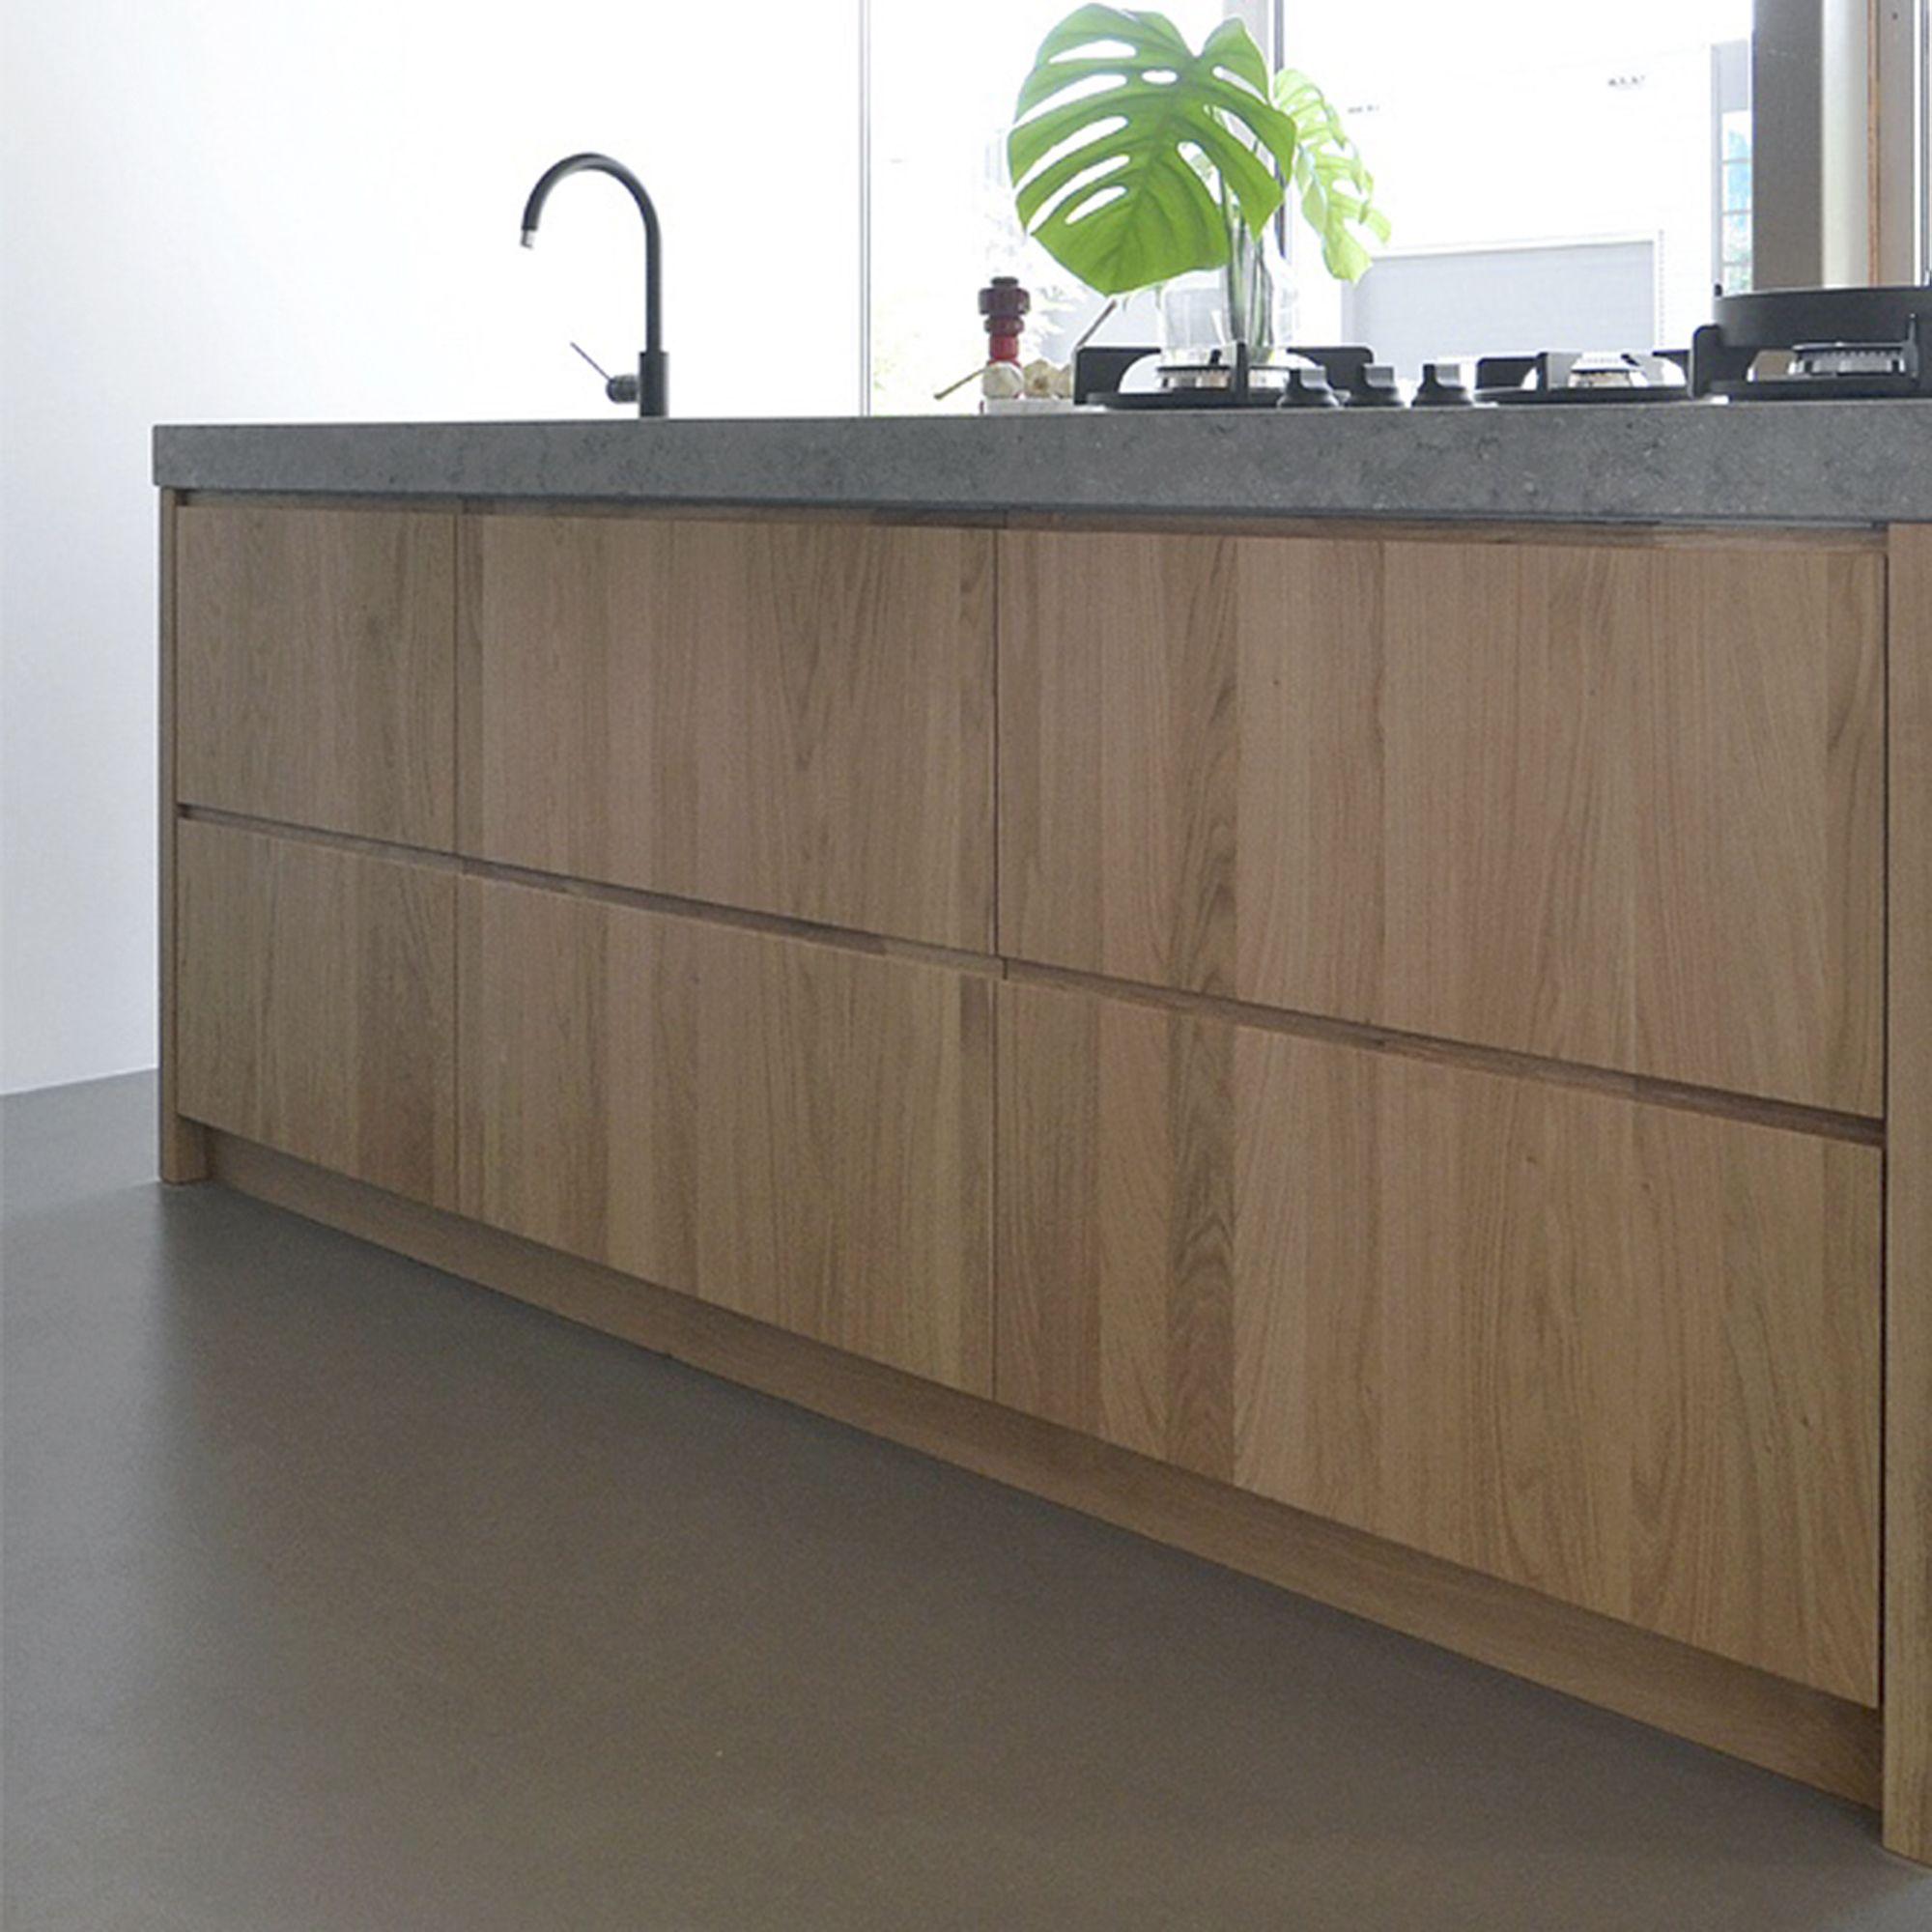 Keukenfronten Op Maat Voor Oa Ikea Metod Kvik Siematic Of Andere Nieuwe En Bestaande Keukenmerken Een Subtie Keuken Ontwerp Keuken Hout Beton Houten Keuken